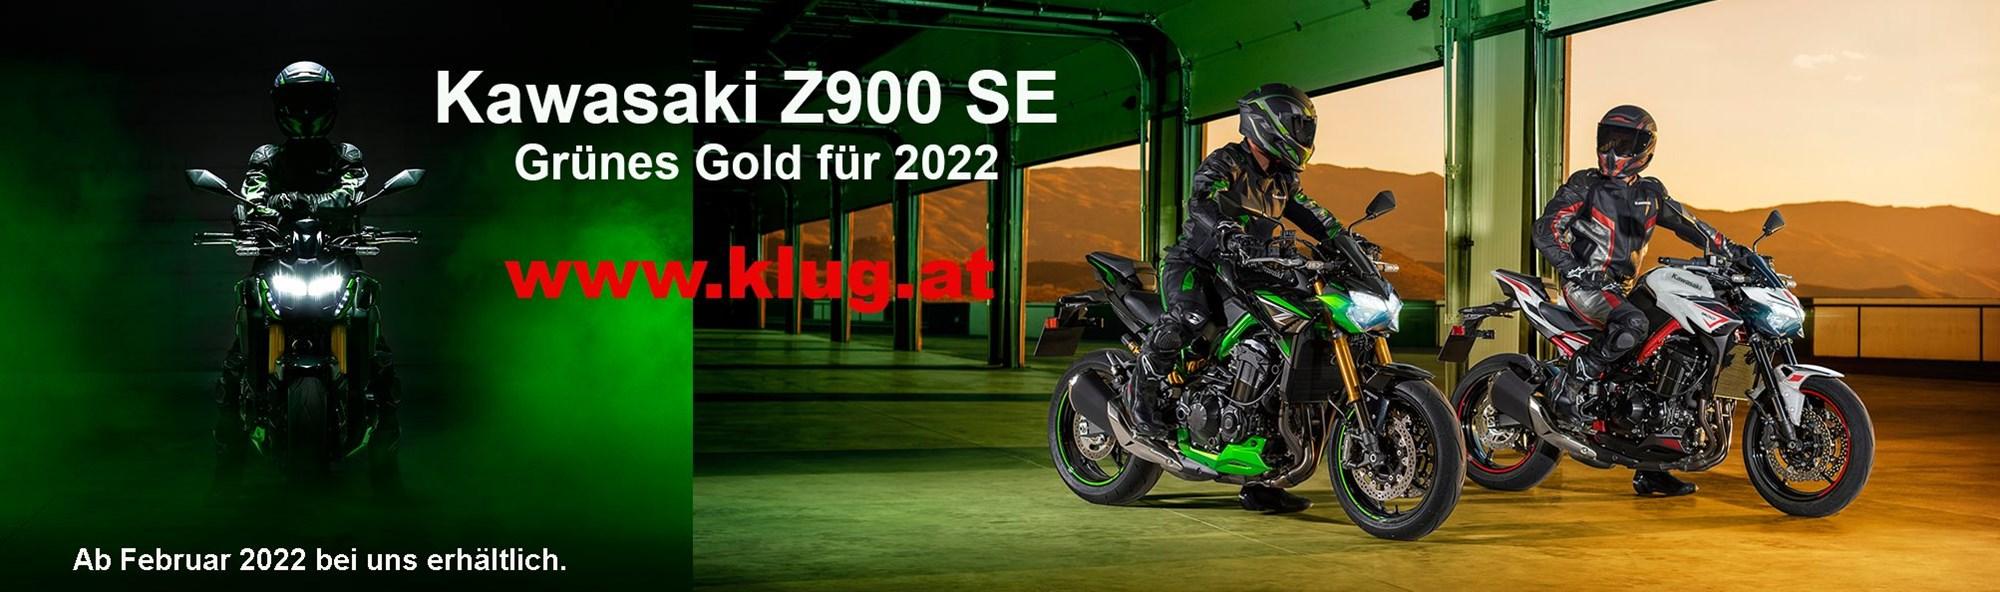 Die Z900 SE ist ab Februar 2022 bei uns erhältlich.